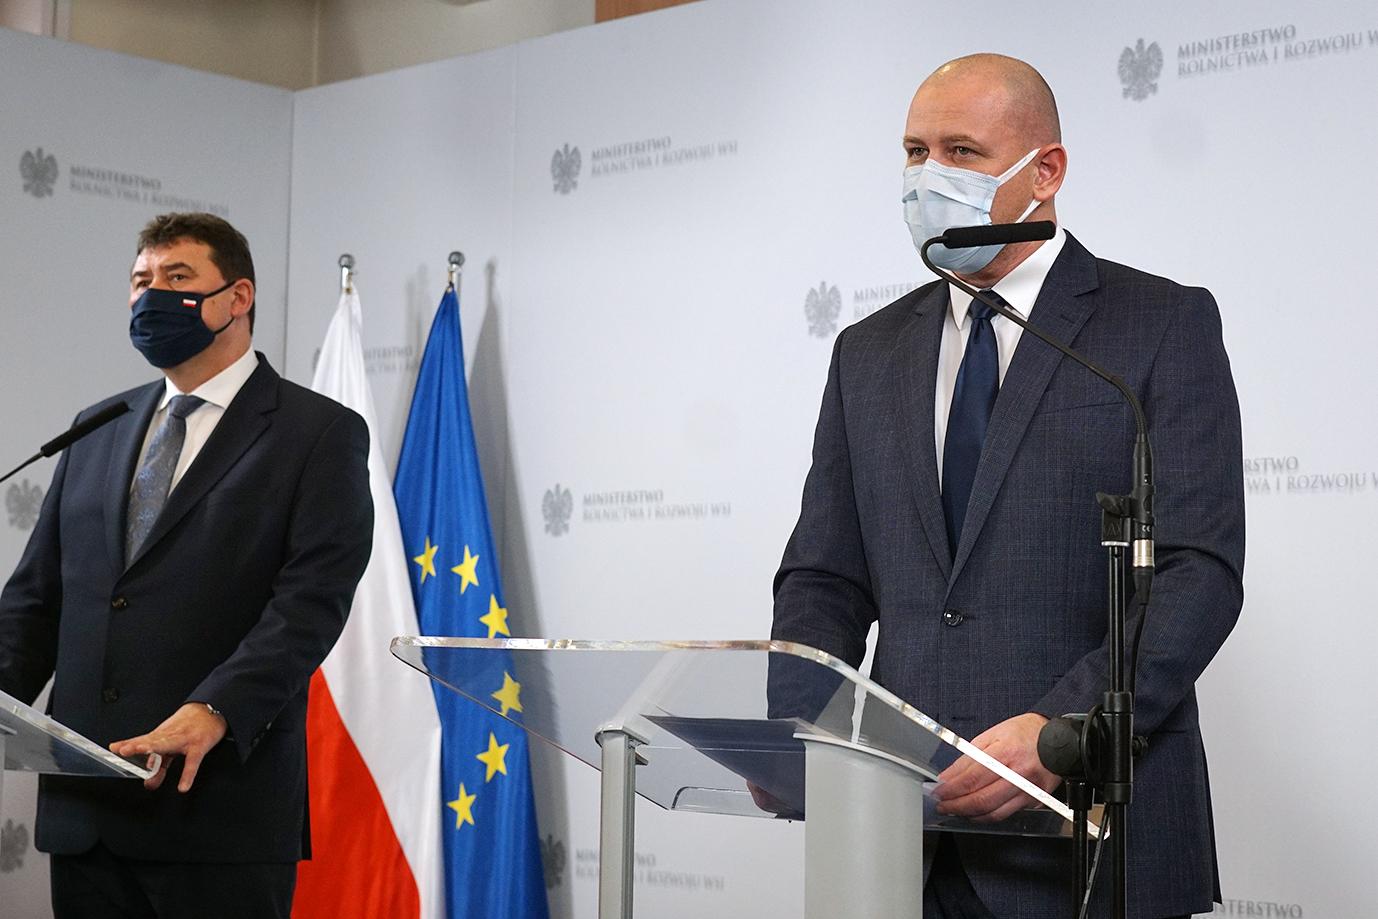 Sekretarz Stanu Ryszard Bartosik oraz Paweł Wyszyński z Krajowego Ośrodka Wsparcia Rolnictwa